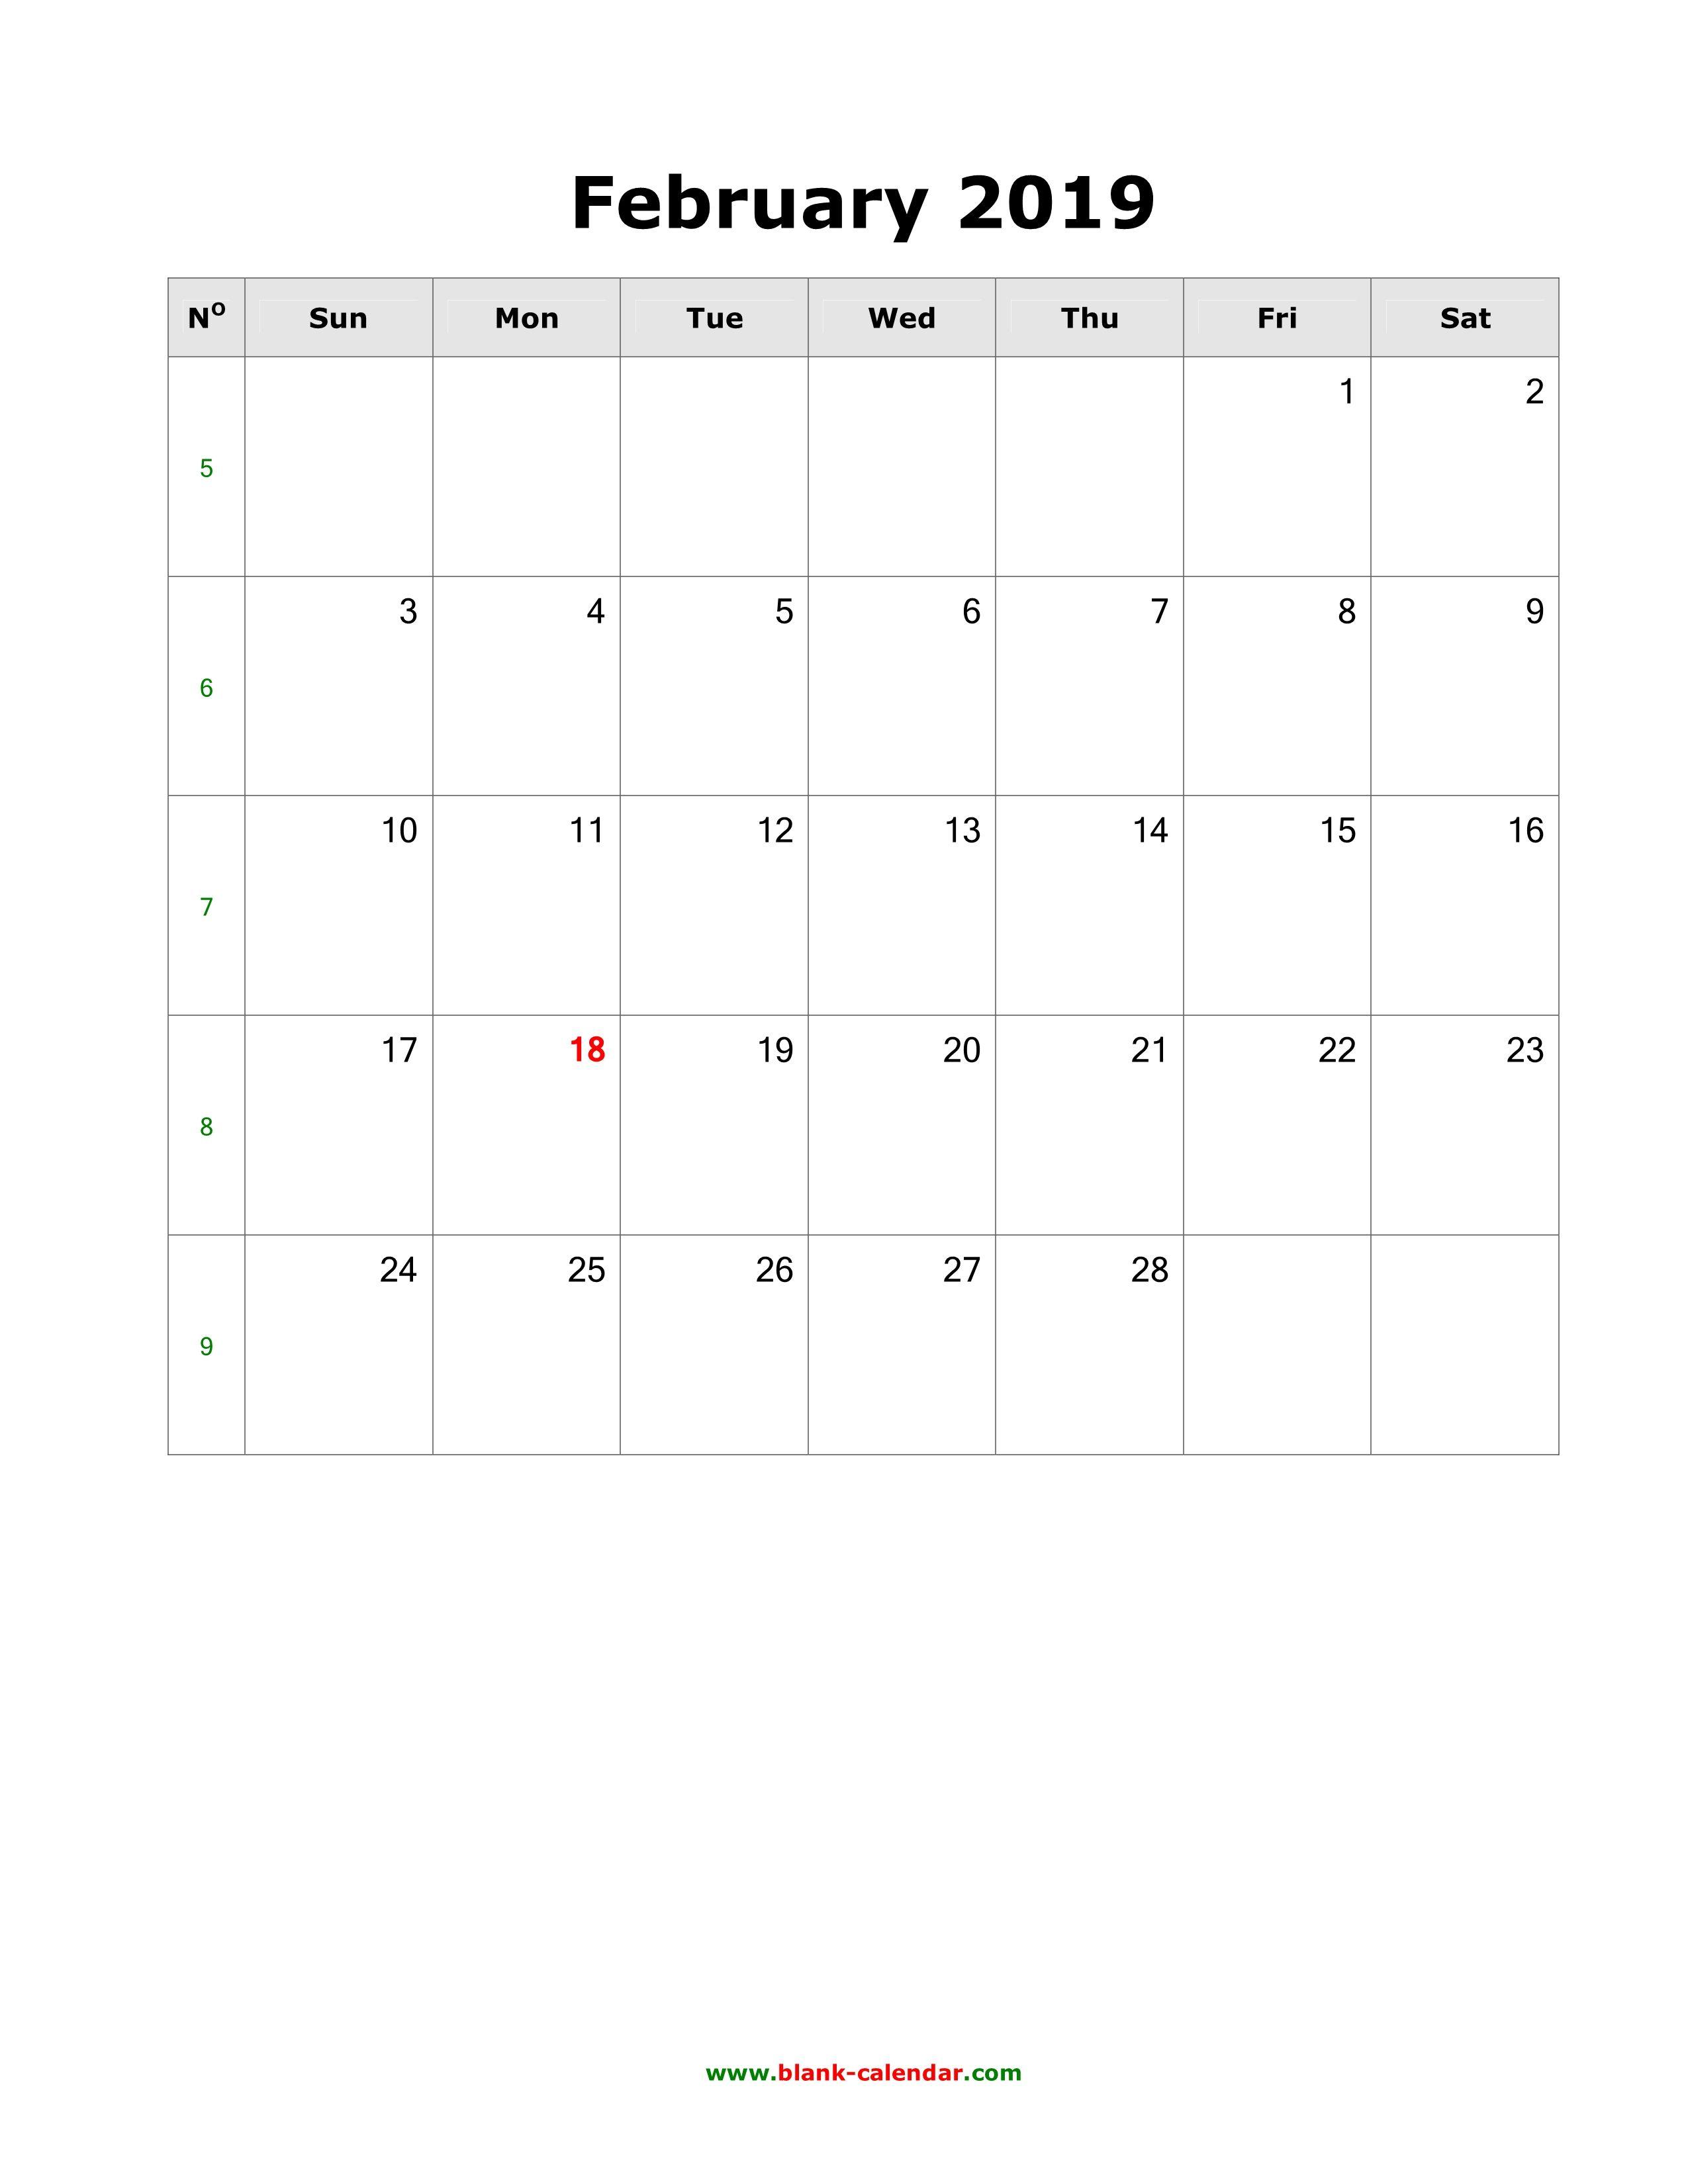 February Calendar To Do List